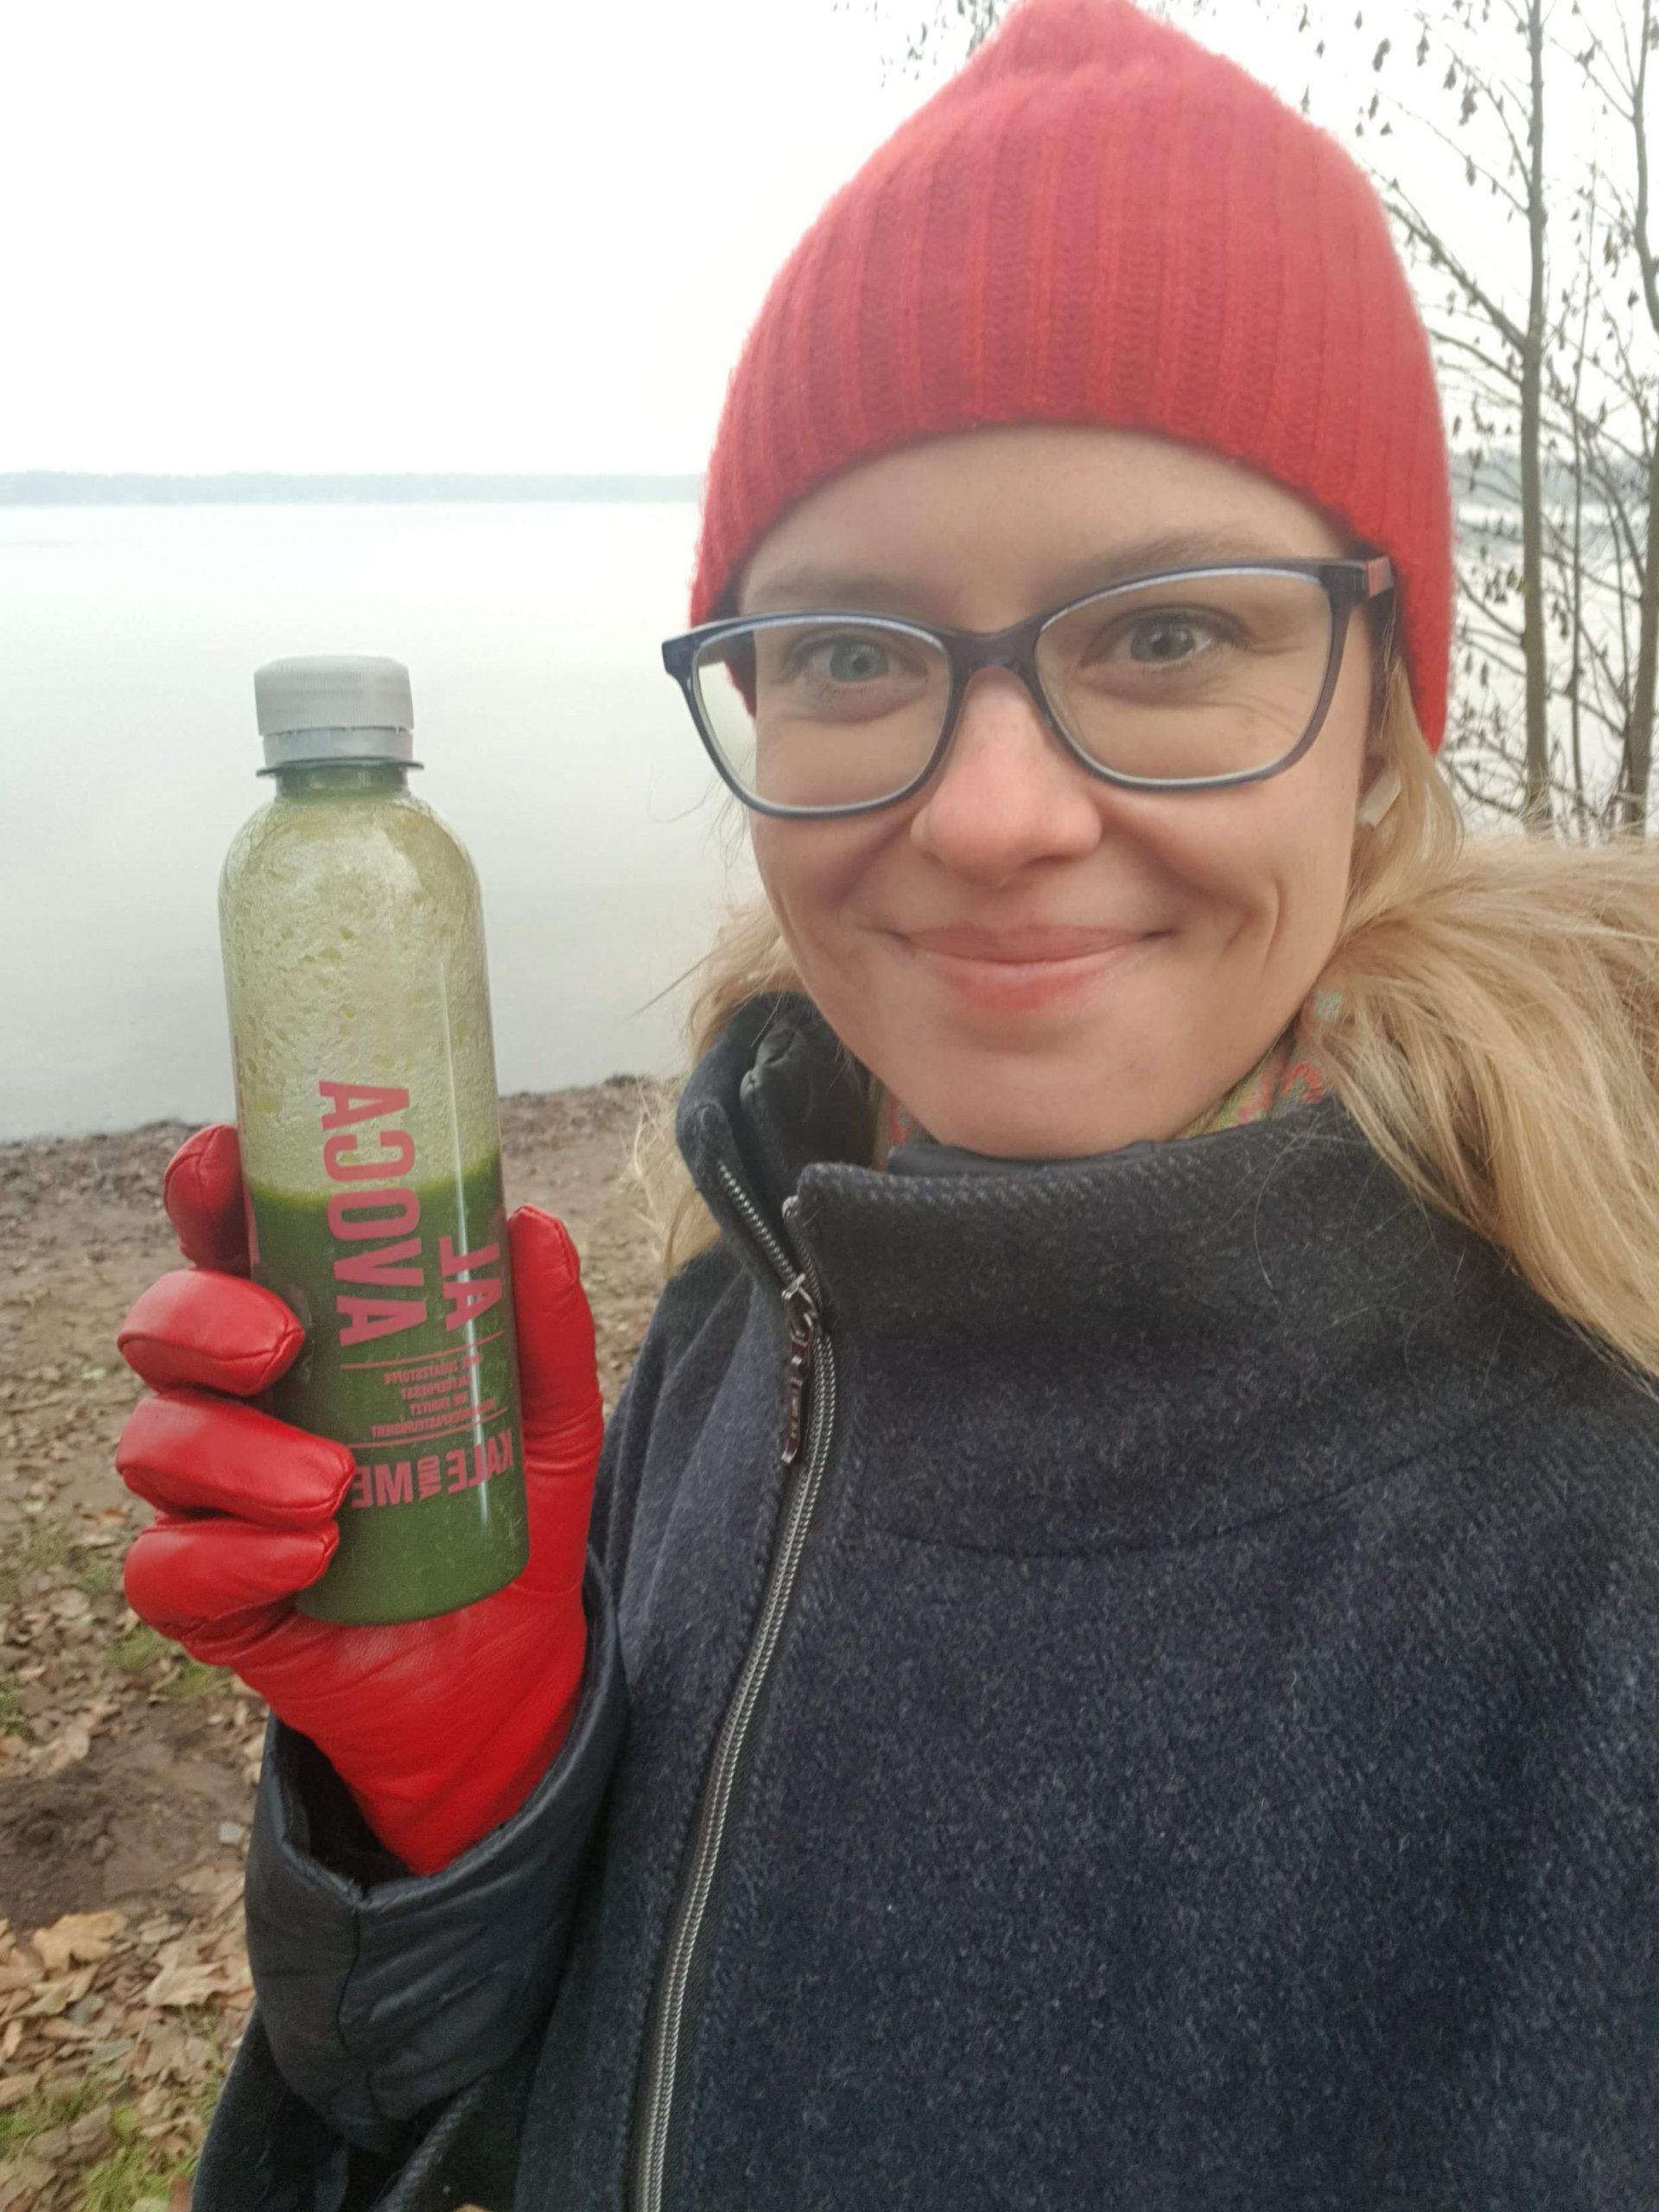 Gretel mit Flasche Saft am Wandlitzsee